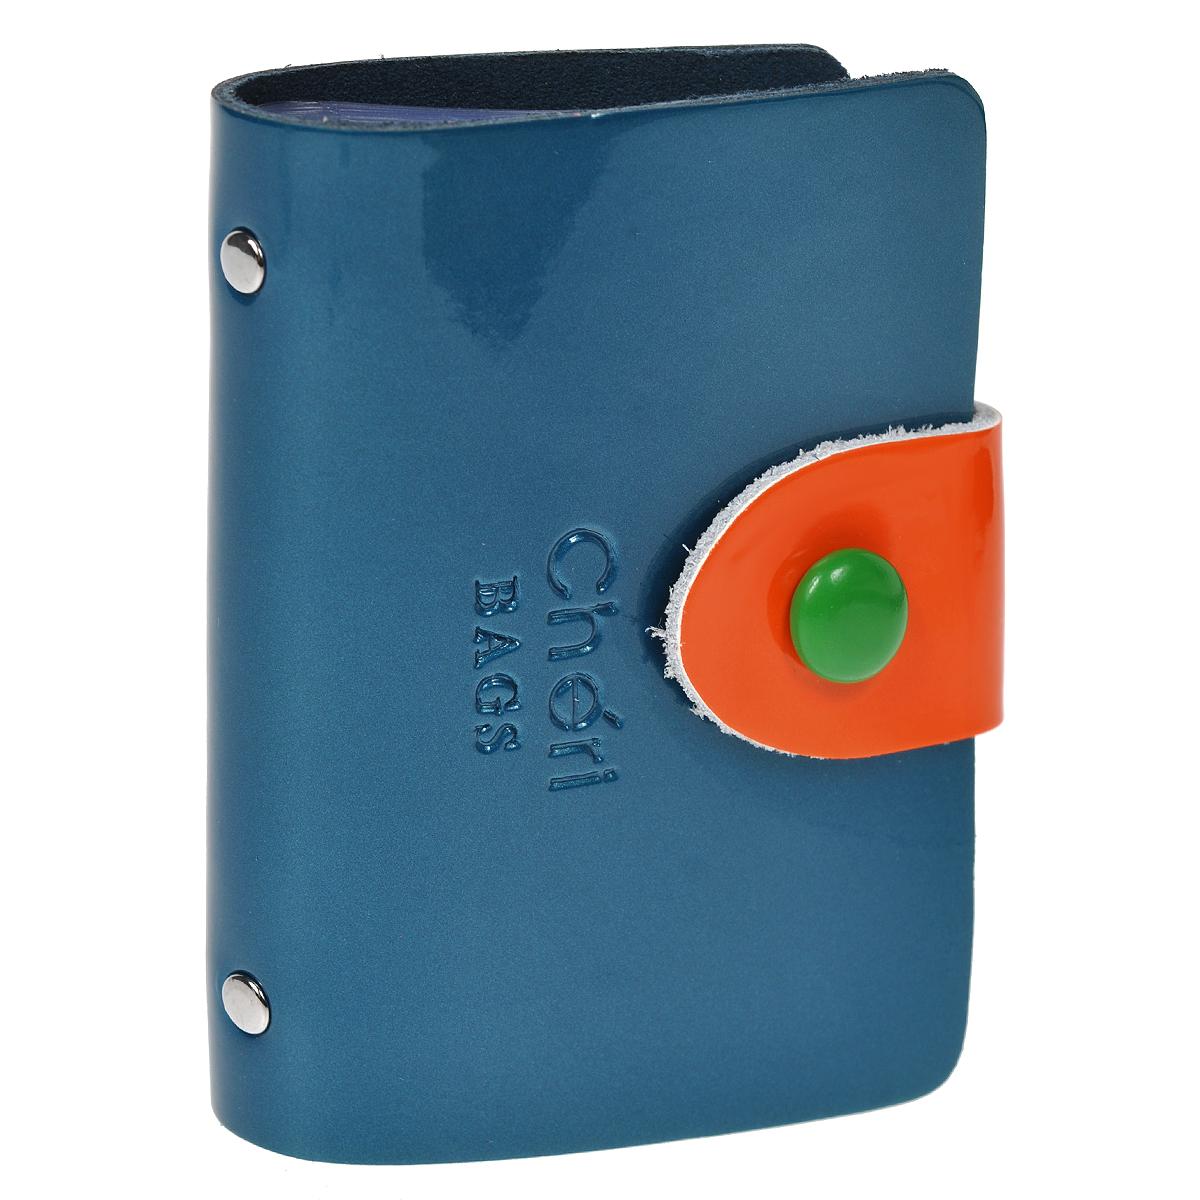 Визитница Cheribags, цвет: синий, оранжевый. V-0499-15V-0499-15Элегантная визитница Cheribags - стильная вещь для хранения визиток. Визитница выполнена из натуральной лаковой кожи, закрывается с помощью хлястика на металлическую кнопку. Внутри содержит блок из мягкого пластика, рассчитанный на 26 визиток. Такая визитница станет замечательным подарком человеку, ценящему качественные и практичные вещи.